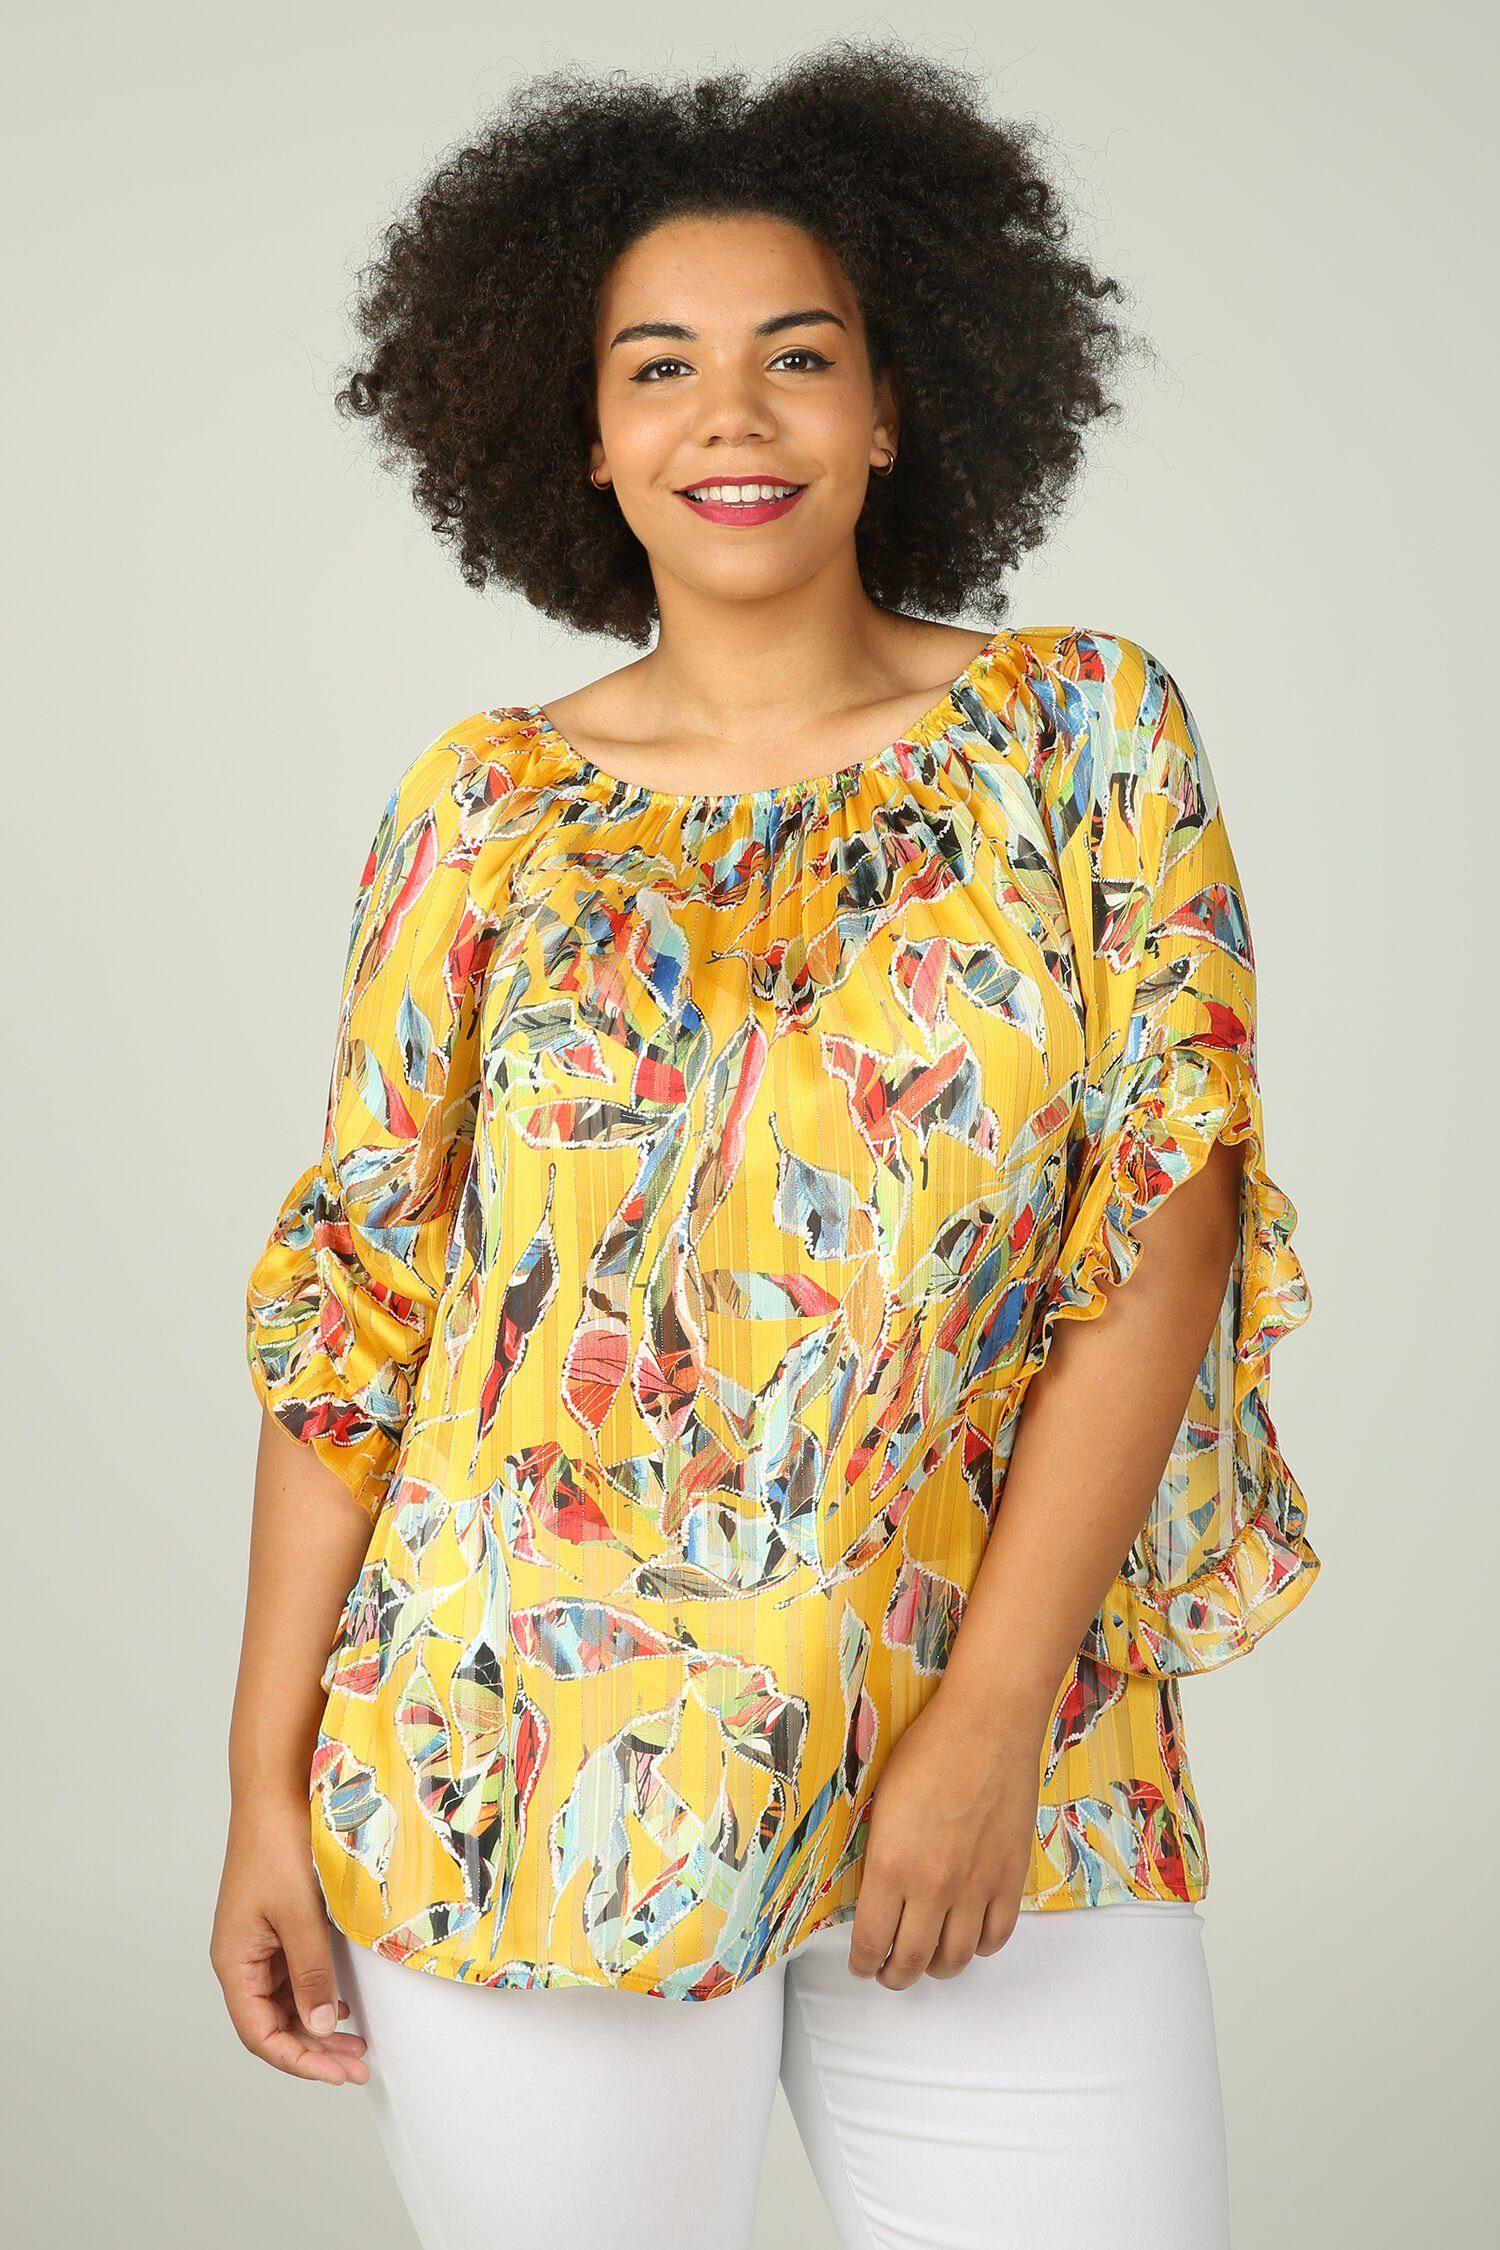 Paprika Carmenbluse Bluse mit elastischem Ausschnitt und bunten Blattmuster-Print